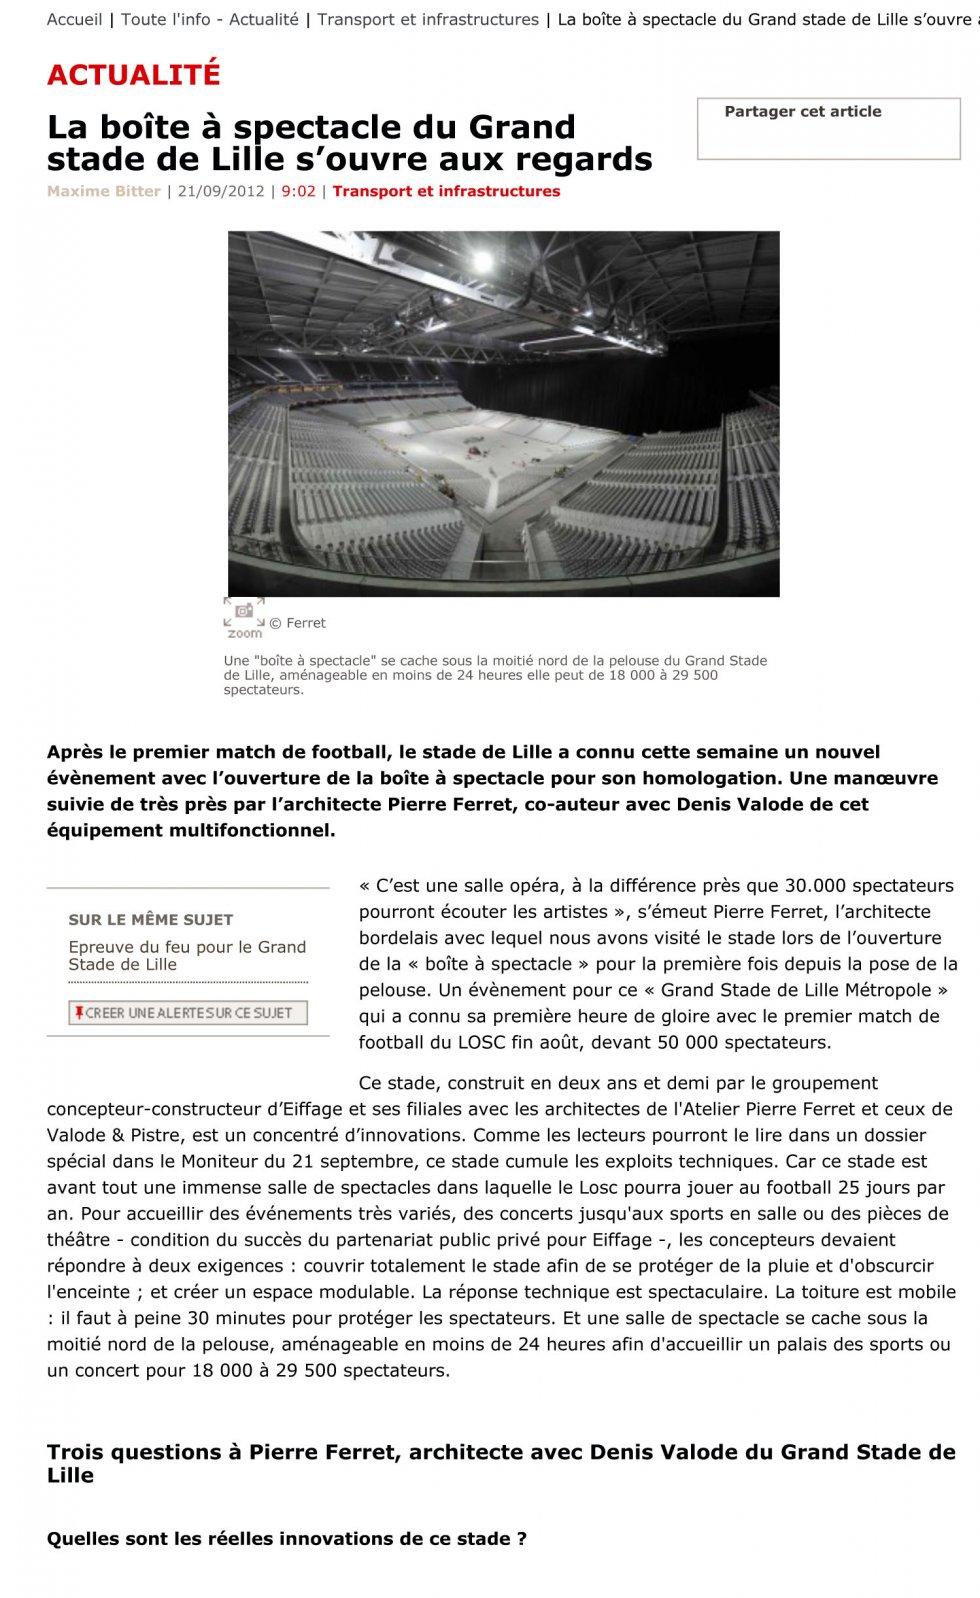 La boîte à spectacles du grand Stade de Lille s'ouvre aux regards